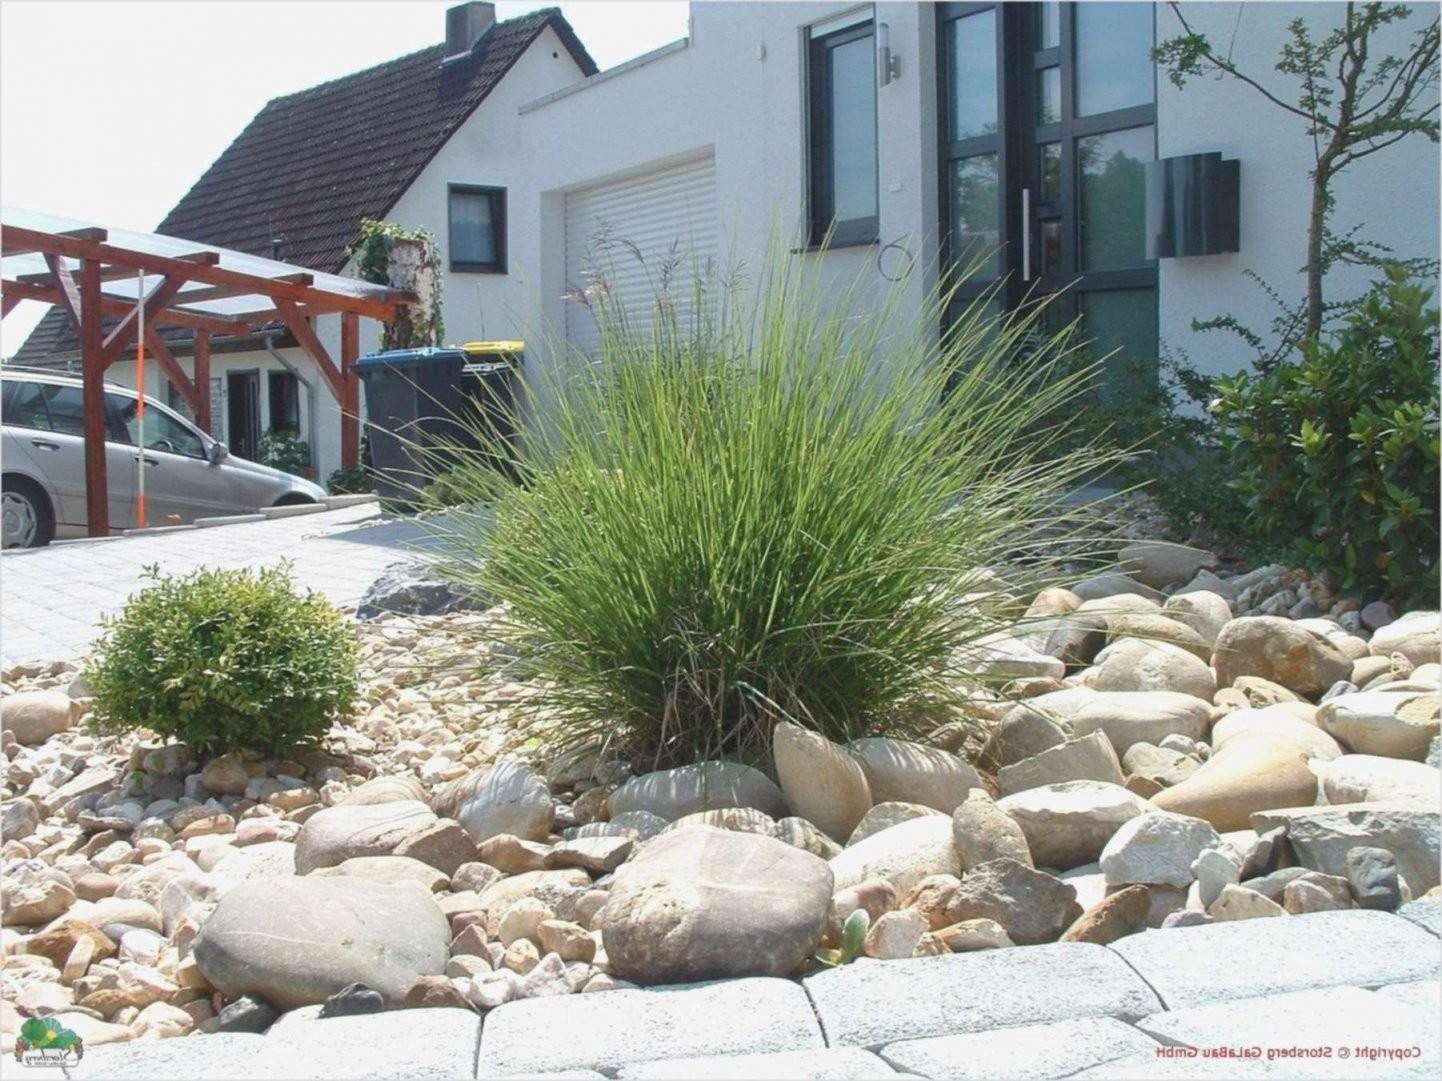 47 Kosten Pumpe Brunnen Garten Fotos Designideen Von Wasserfall von Brunnen Im Garten Kosten Bild